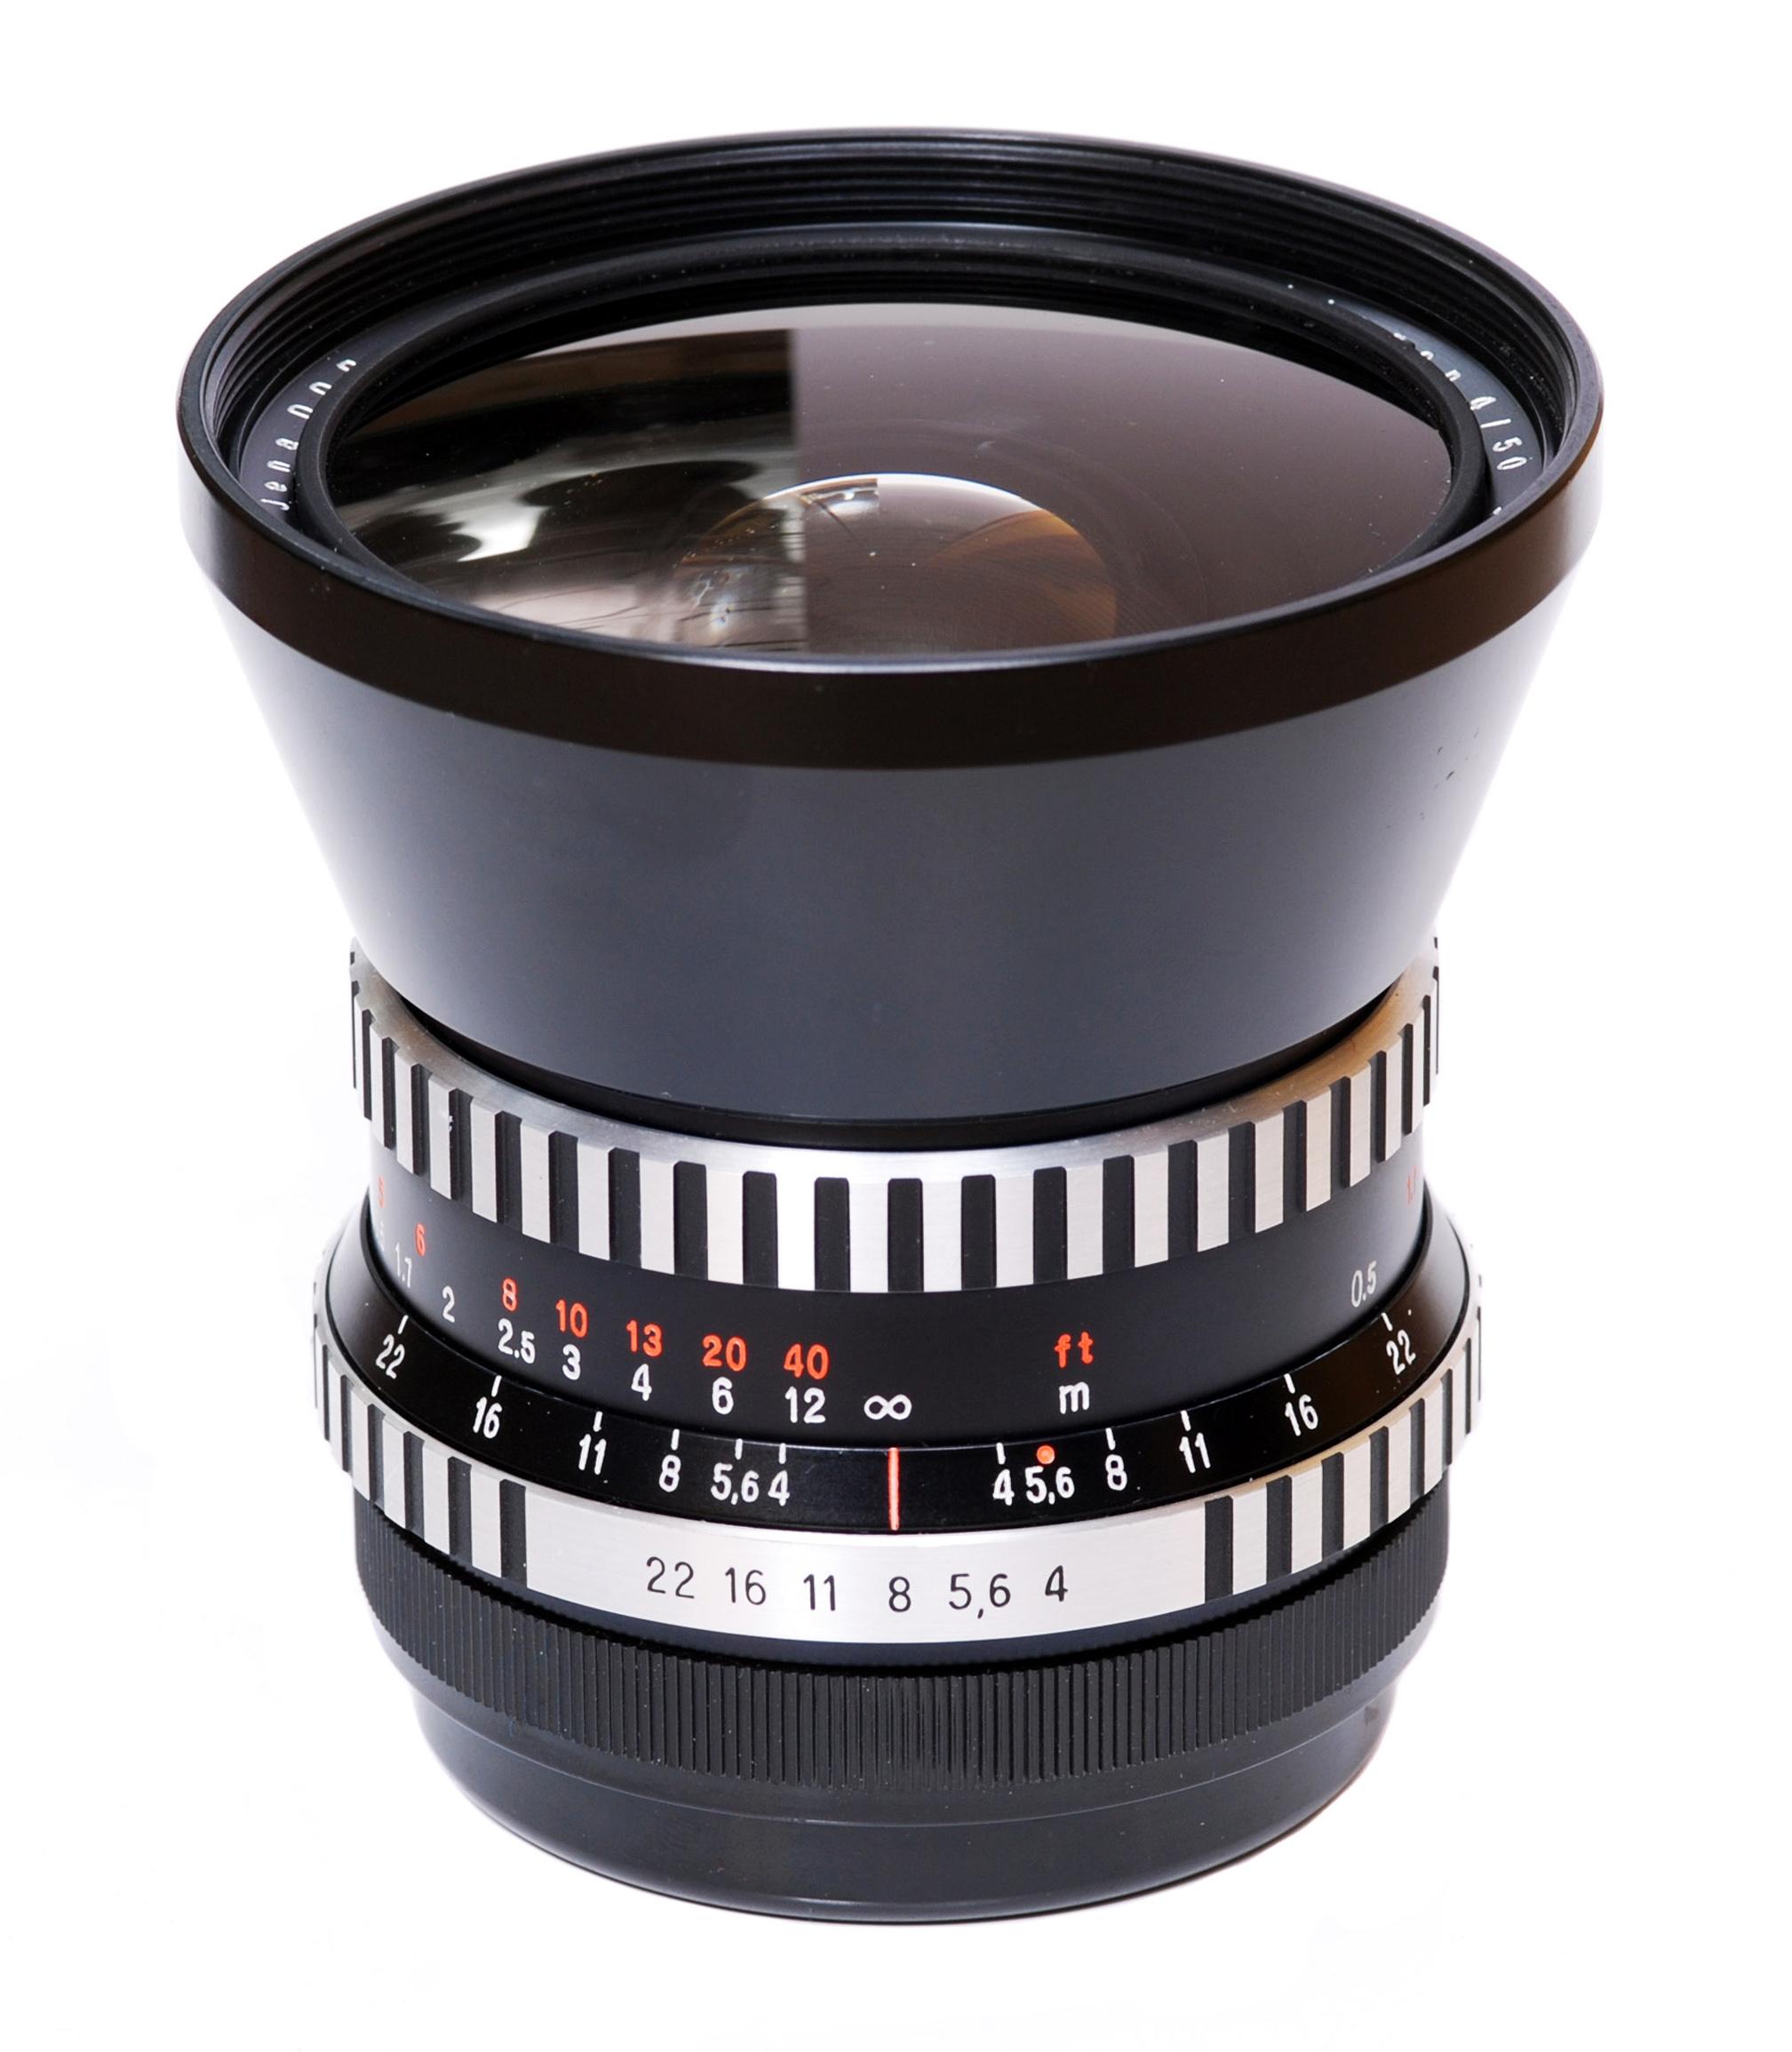 Analoge Fotografie Foto & Camcorder Carl Zeiss Flektogon 1:4 50mm Aus Jena Objektiv Für Pentacon Six Hohe QualitäT Und Preiswert